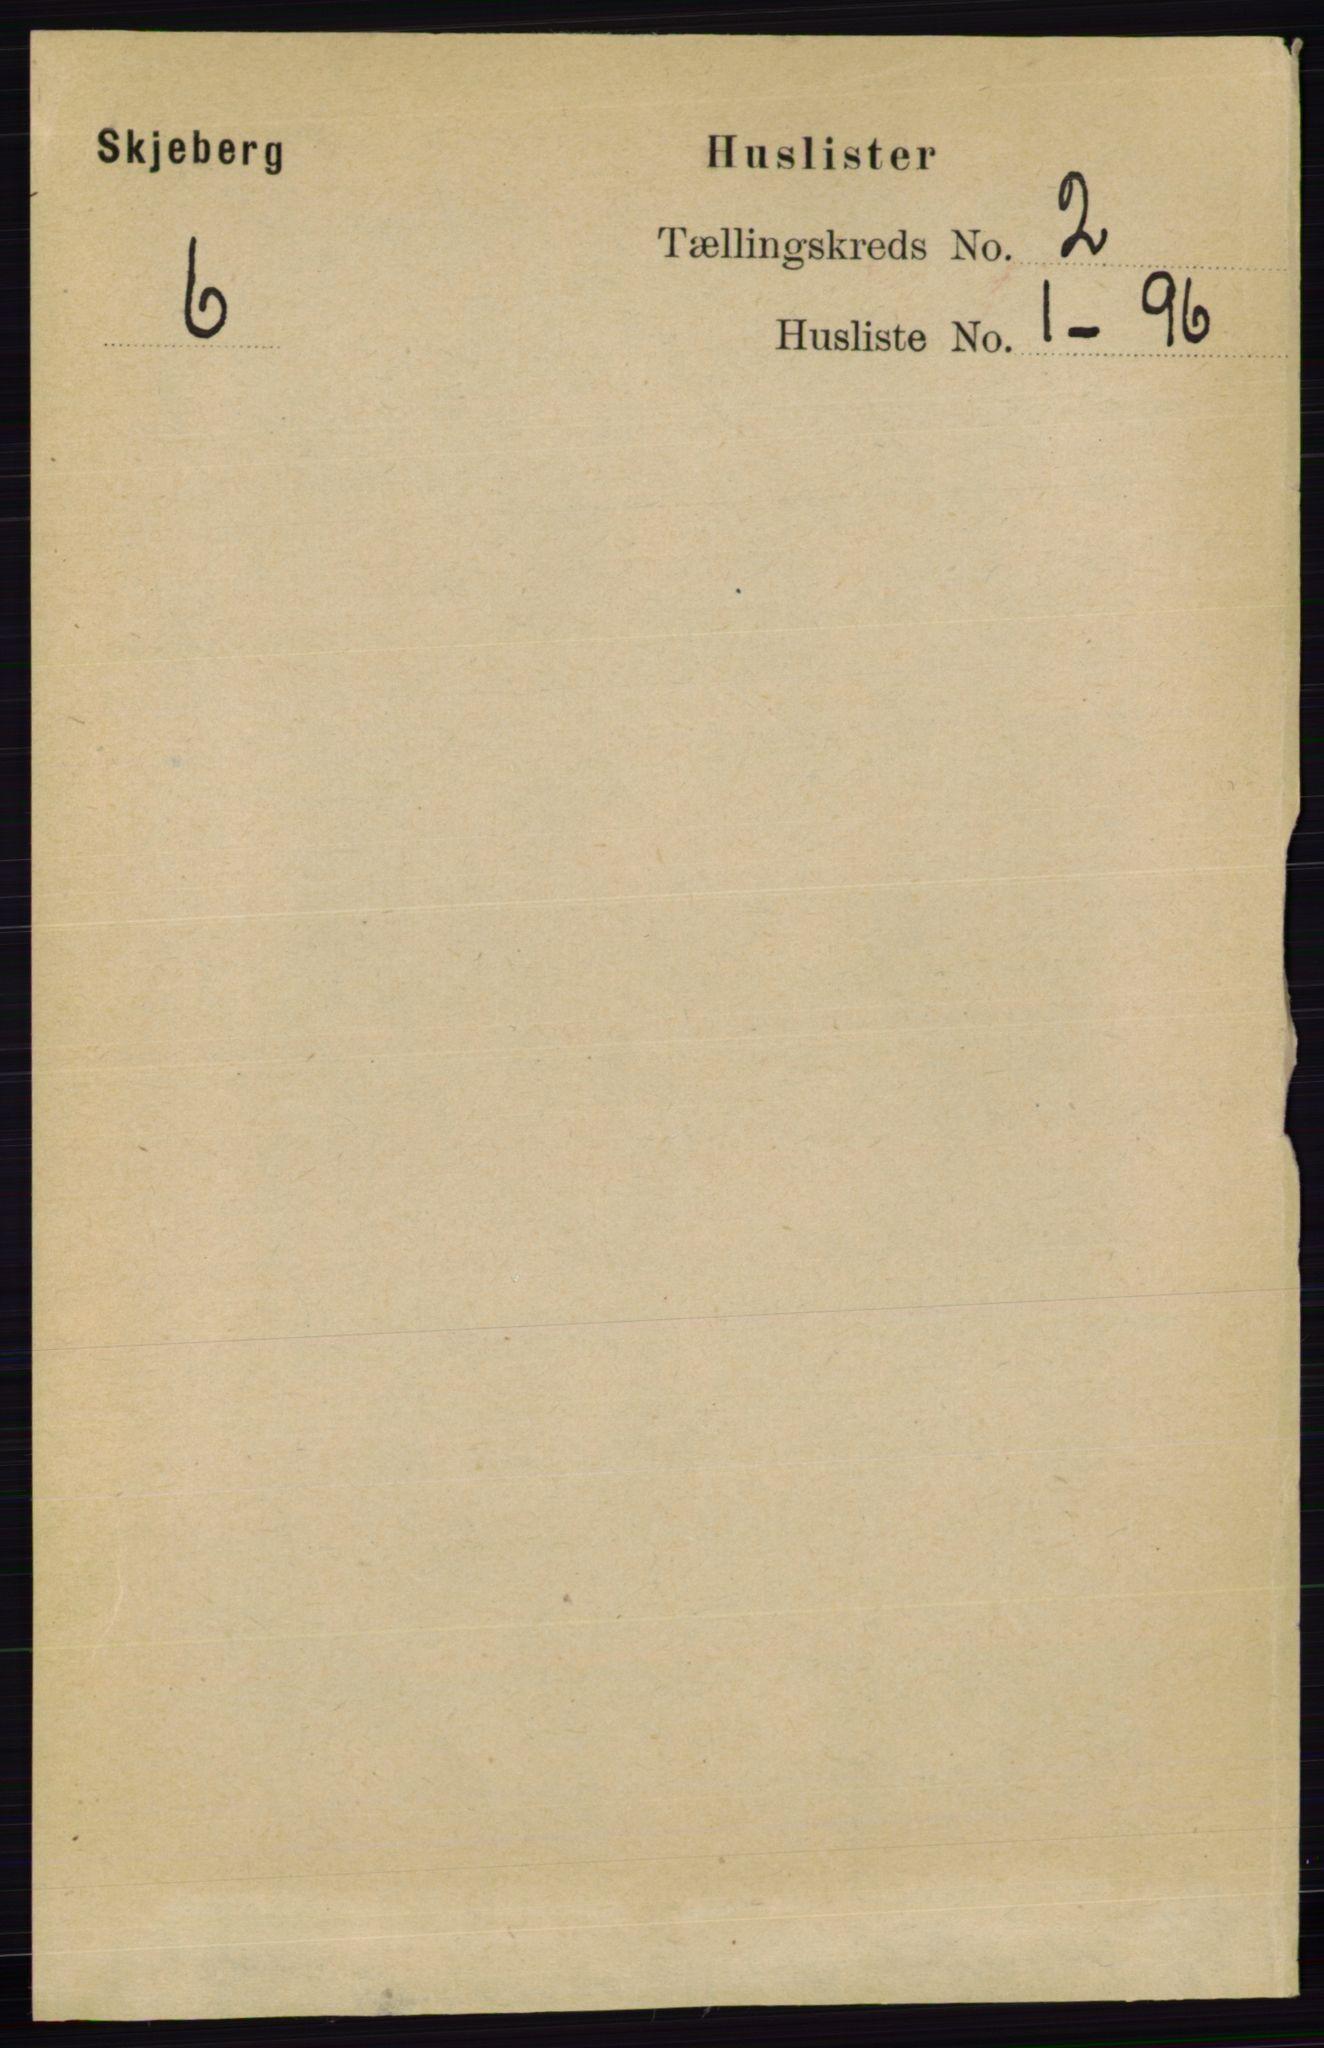 RA, Folketelling 1891 for 0115 Skjeberg herred, 1891, s. 809